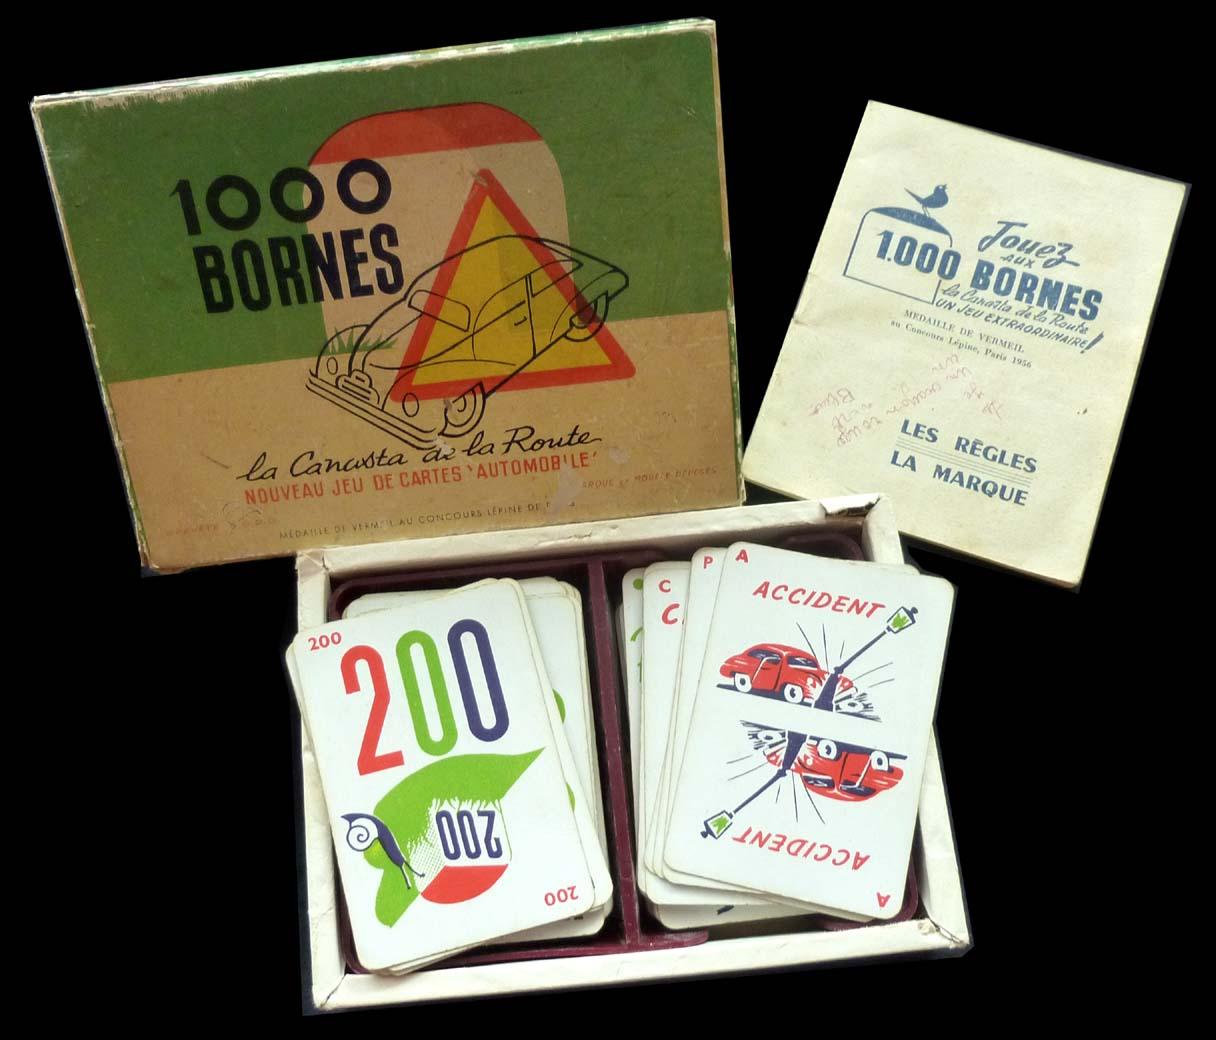 Le grenier de pascal 1000 bornes 1954 - Coup fourre mille bornes ...